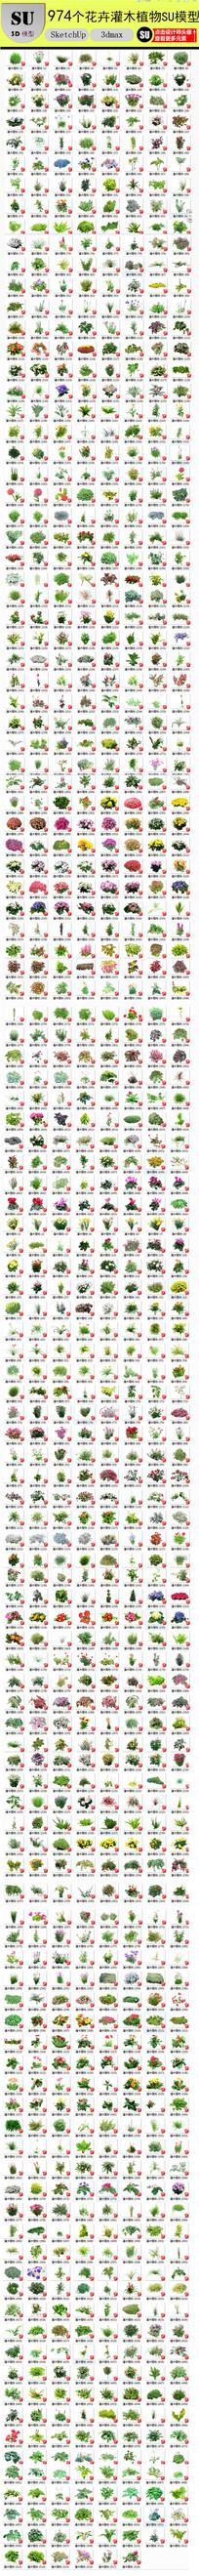 花卉灌木植物组件模型 skp